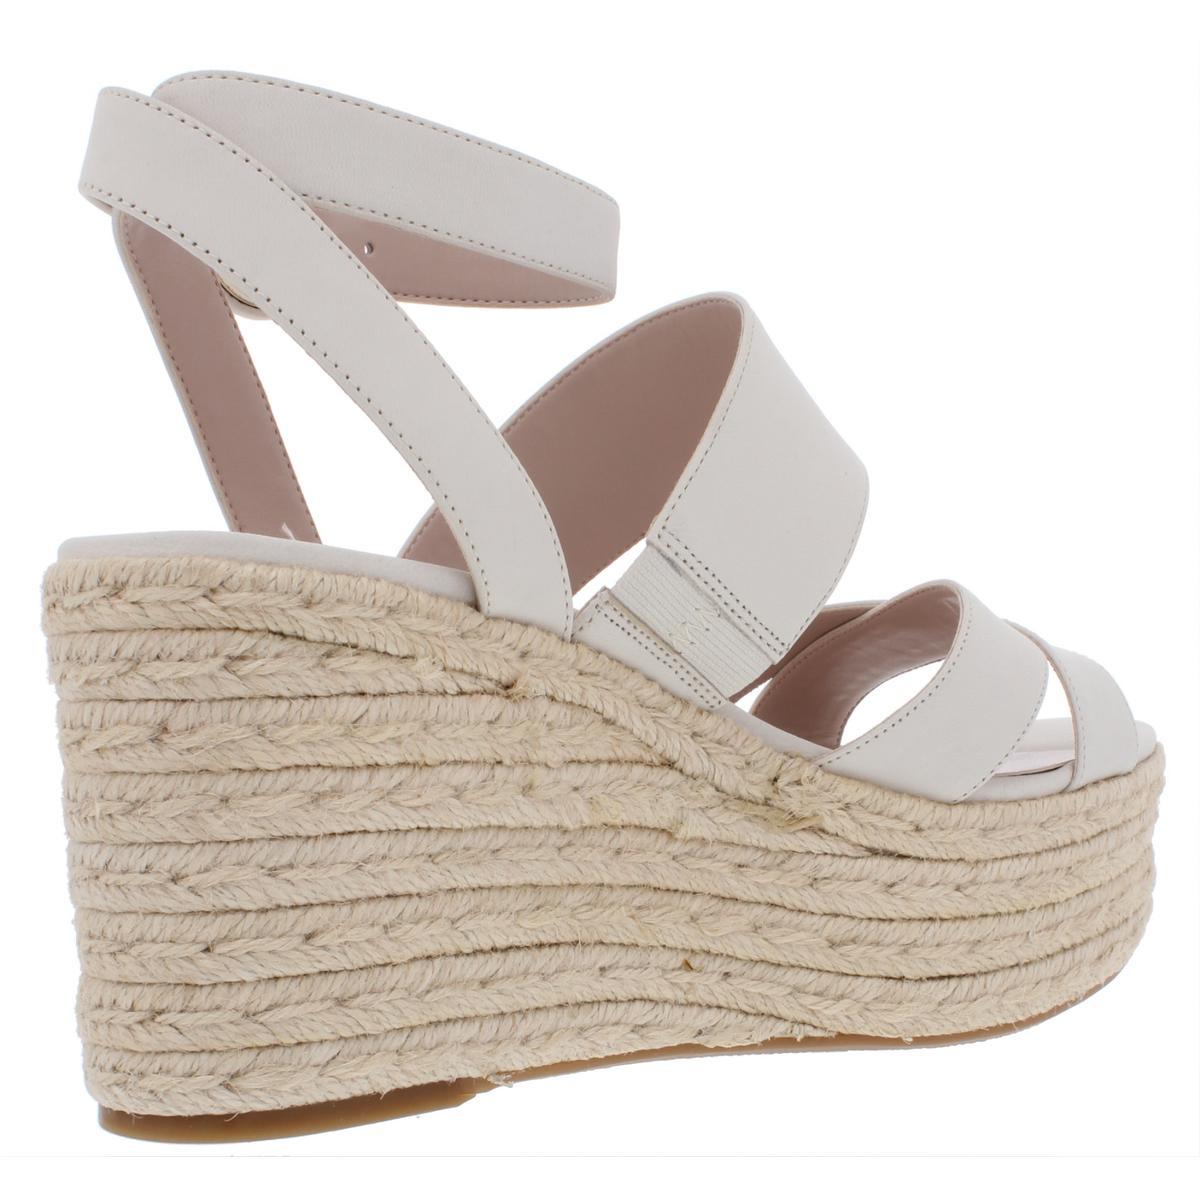 Nine-West-Womens-Kushala-Nubuck-Espadrille-Wedge-Sandals-Shoes-BHFO-7013 thumbnail 8